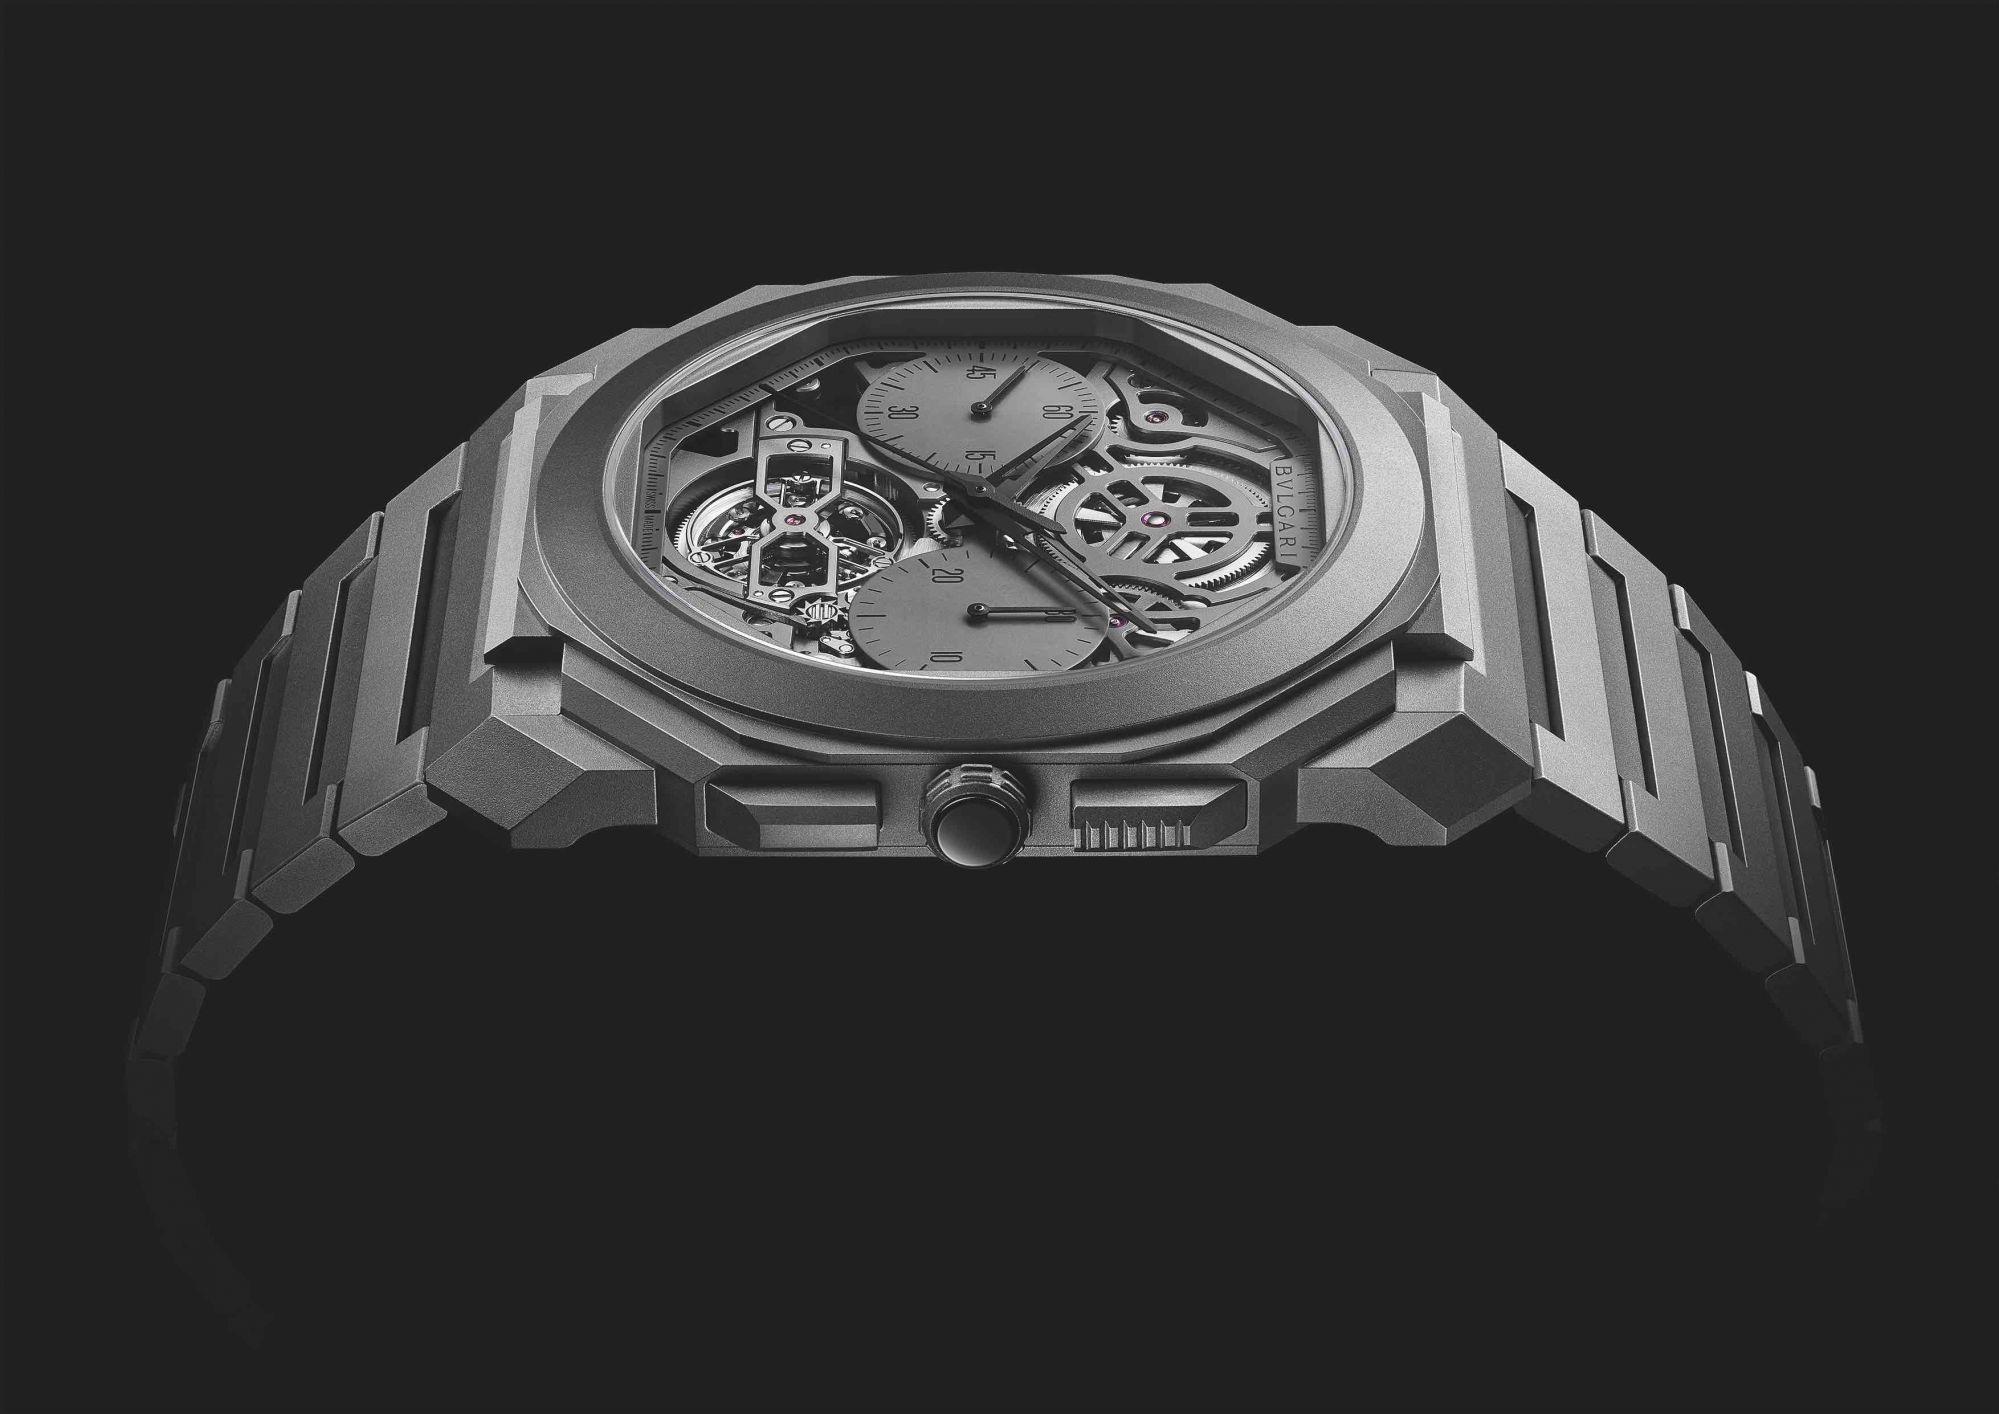 Jewels & Time 2020: Bulgari's Groundbreaking Octo Finissimo Tourbillon Chronograph Skeleton Automatic